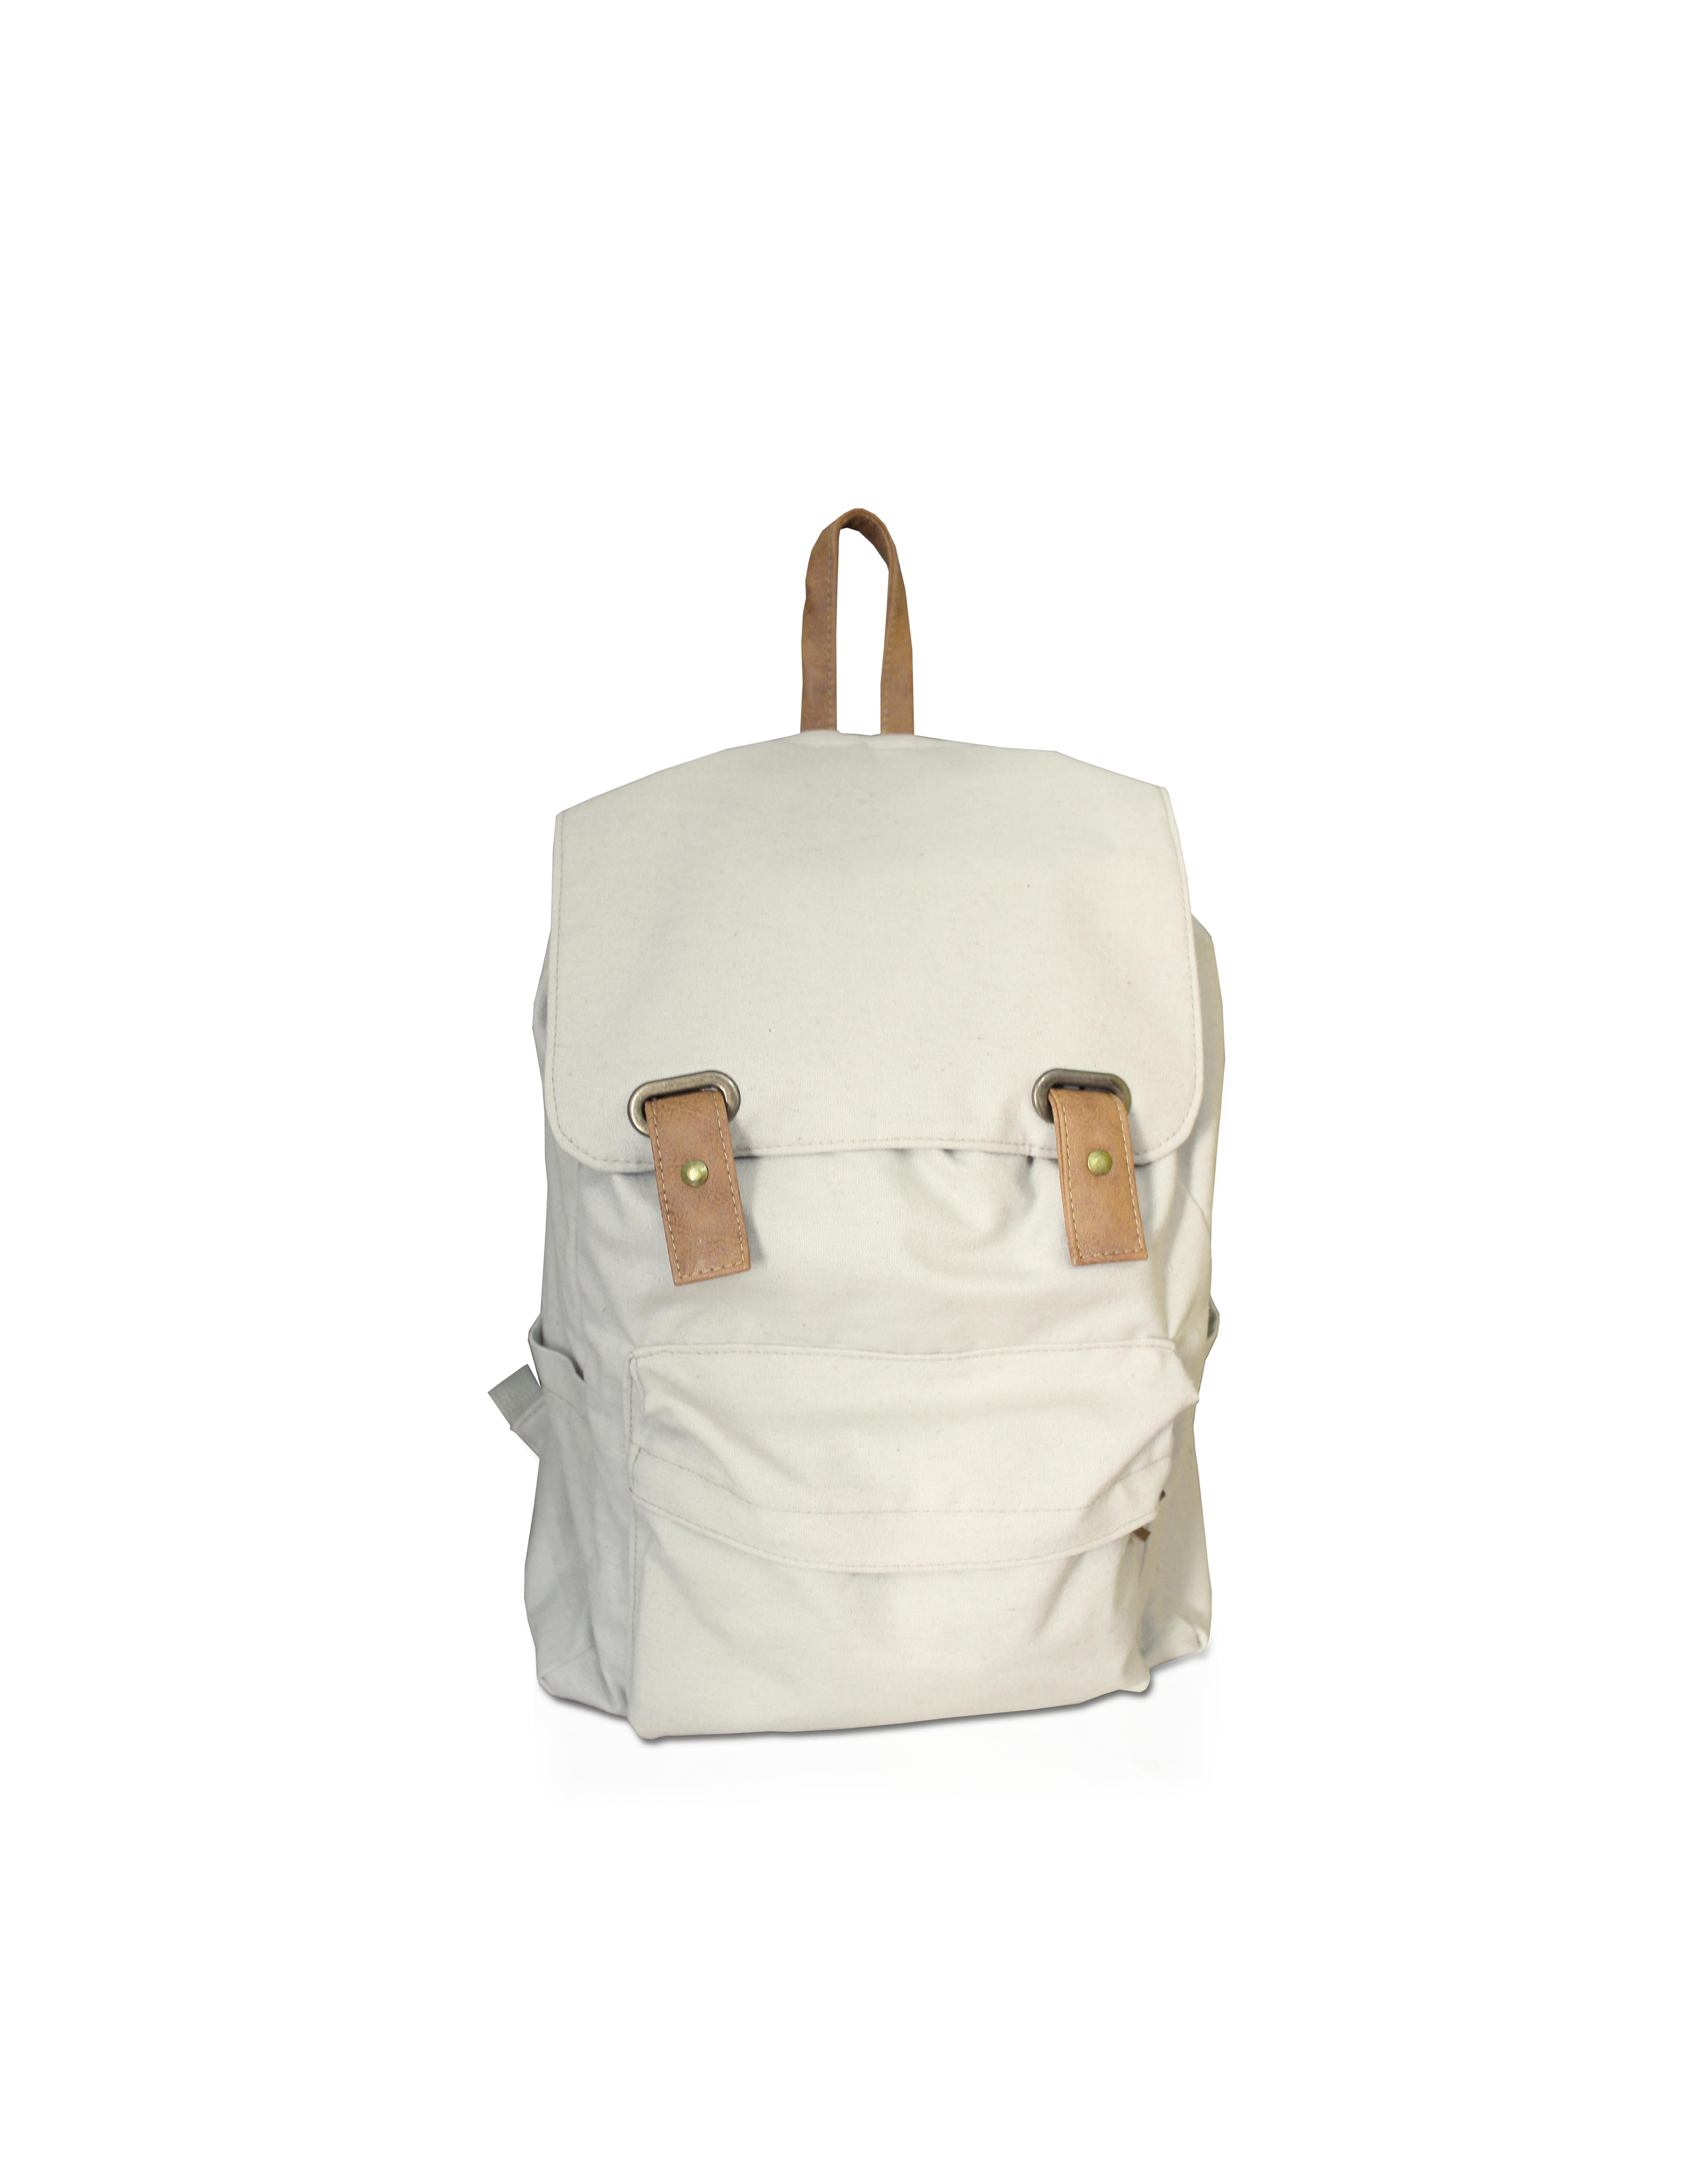 dc15337e9 mochila-eco-pet-areia-bolsa-reciclada ...